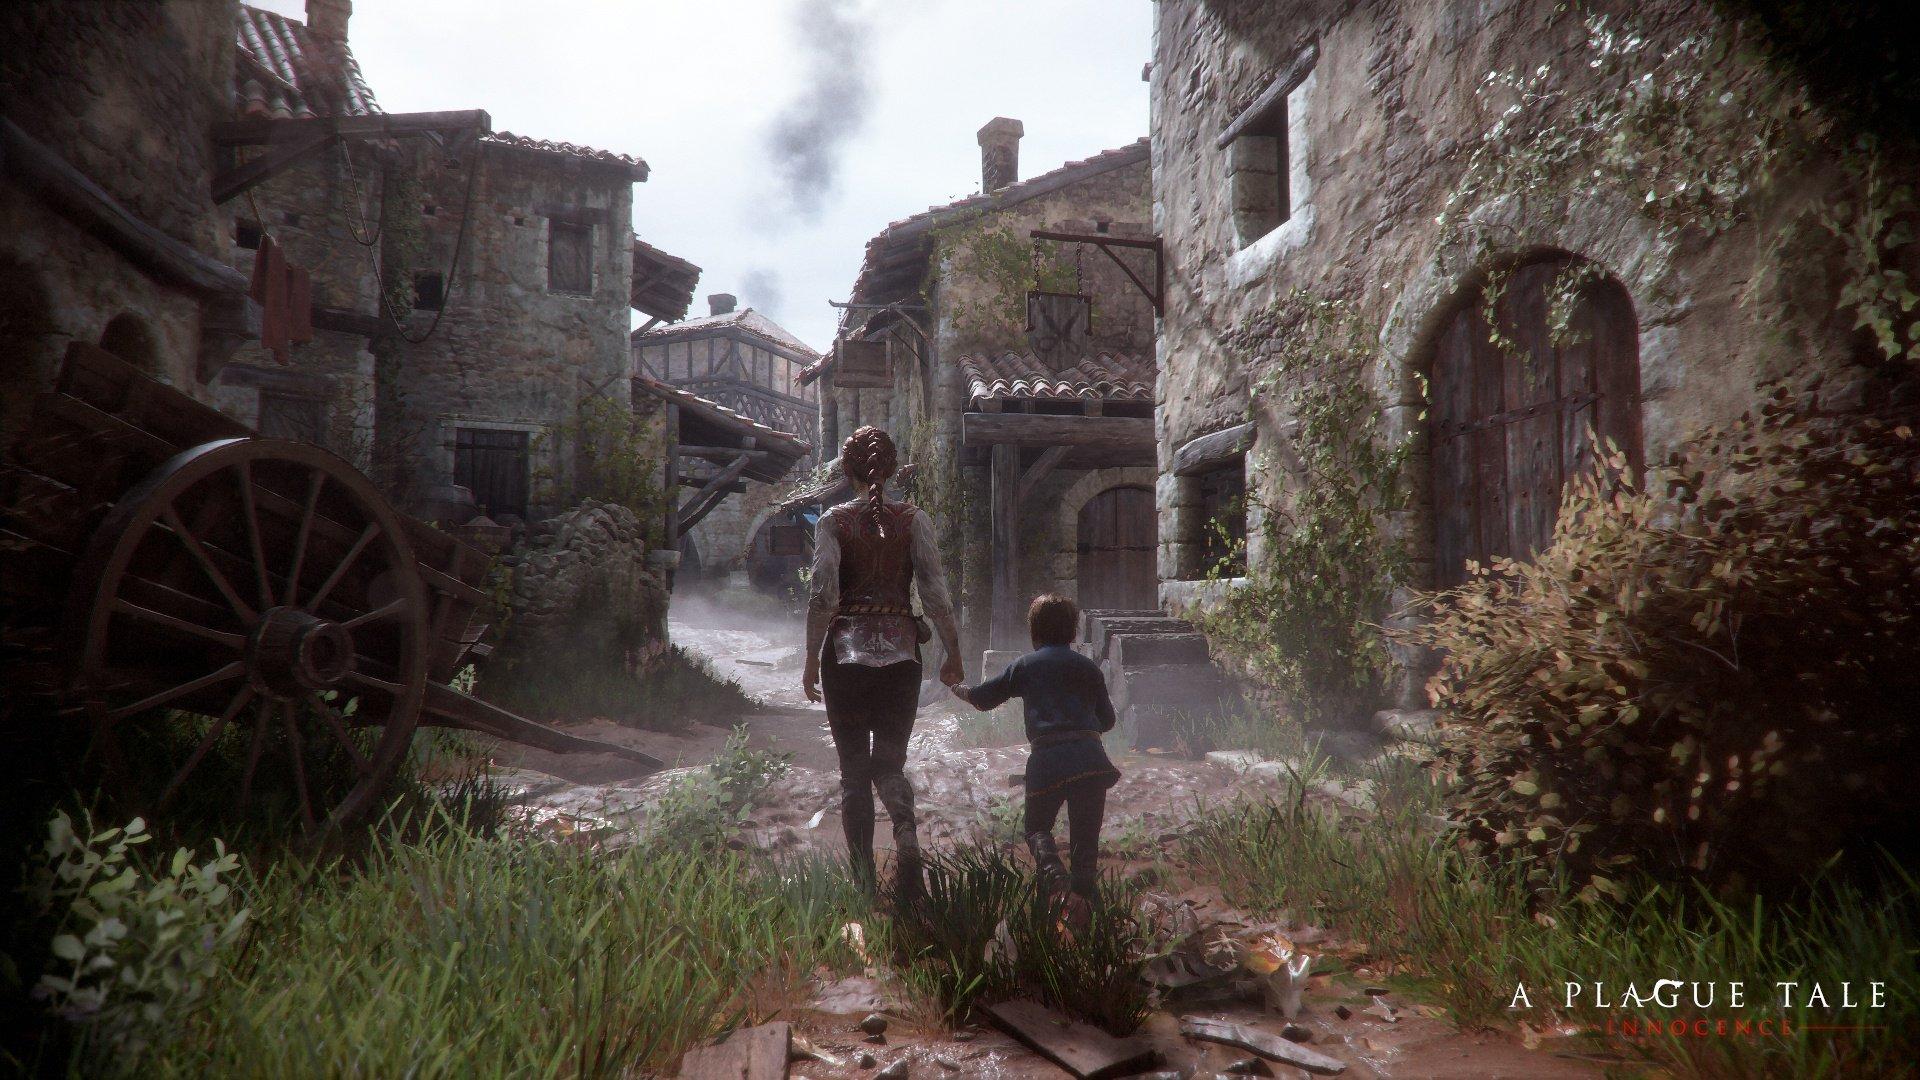 تصاویر زیبایی از بازی A Plague Tale: Innocence منتشر شد